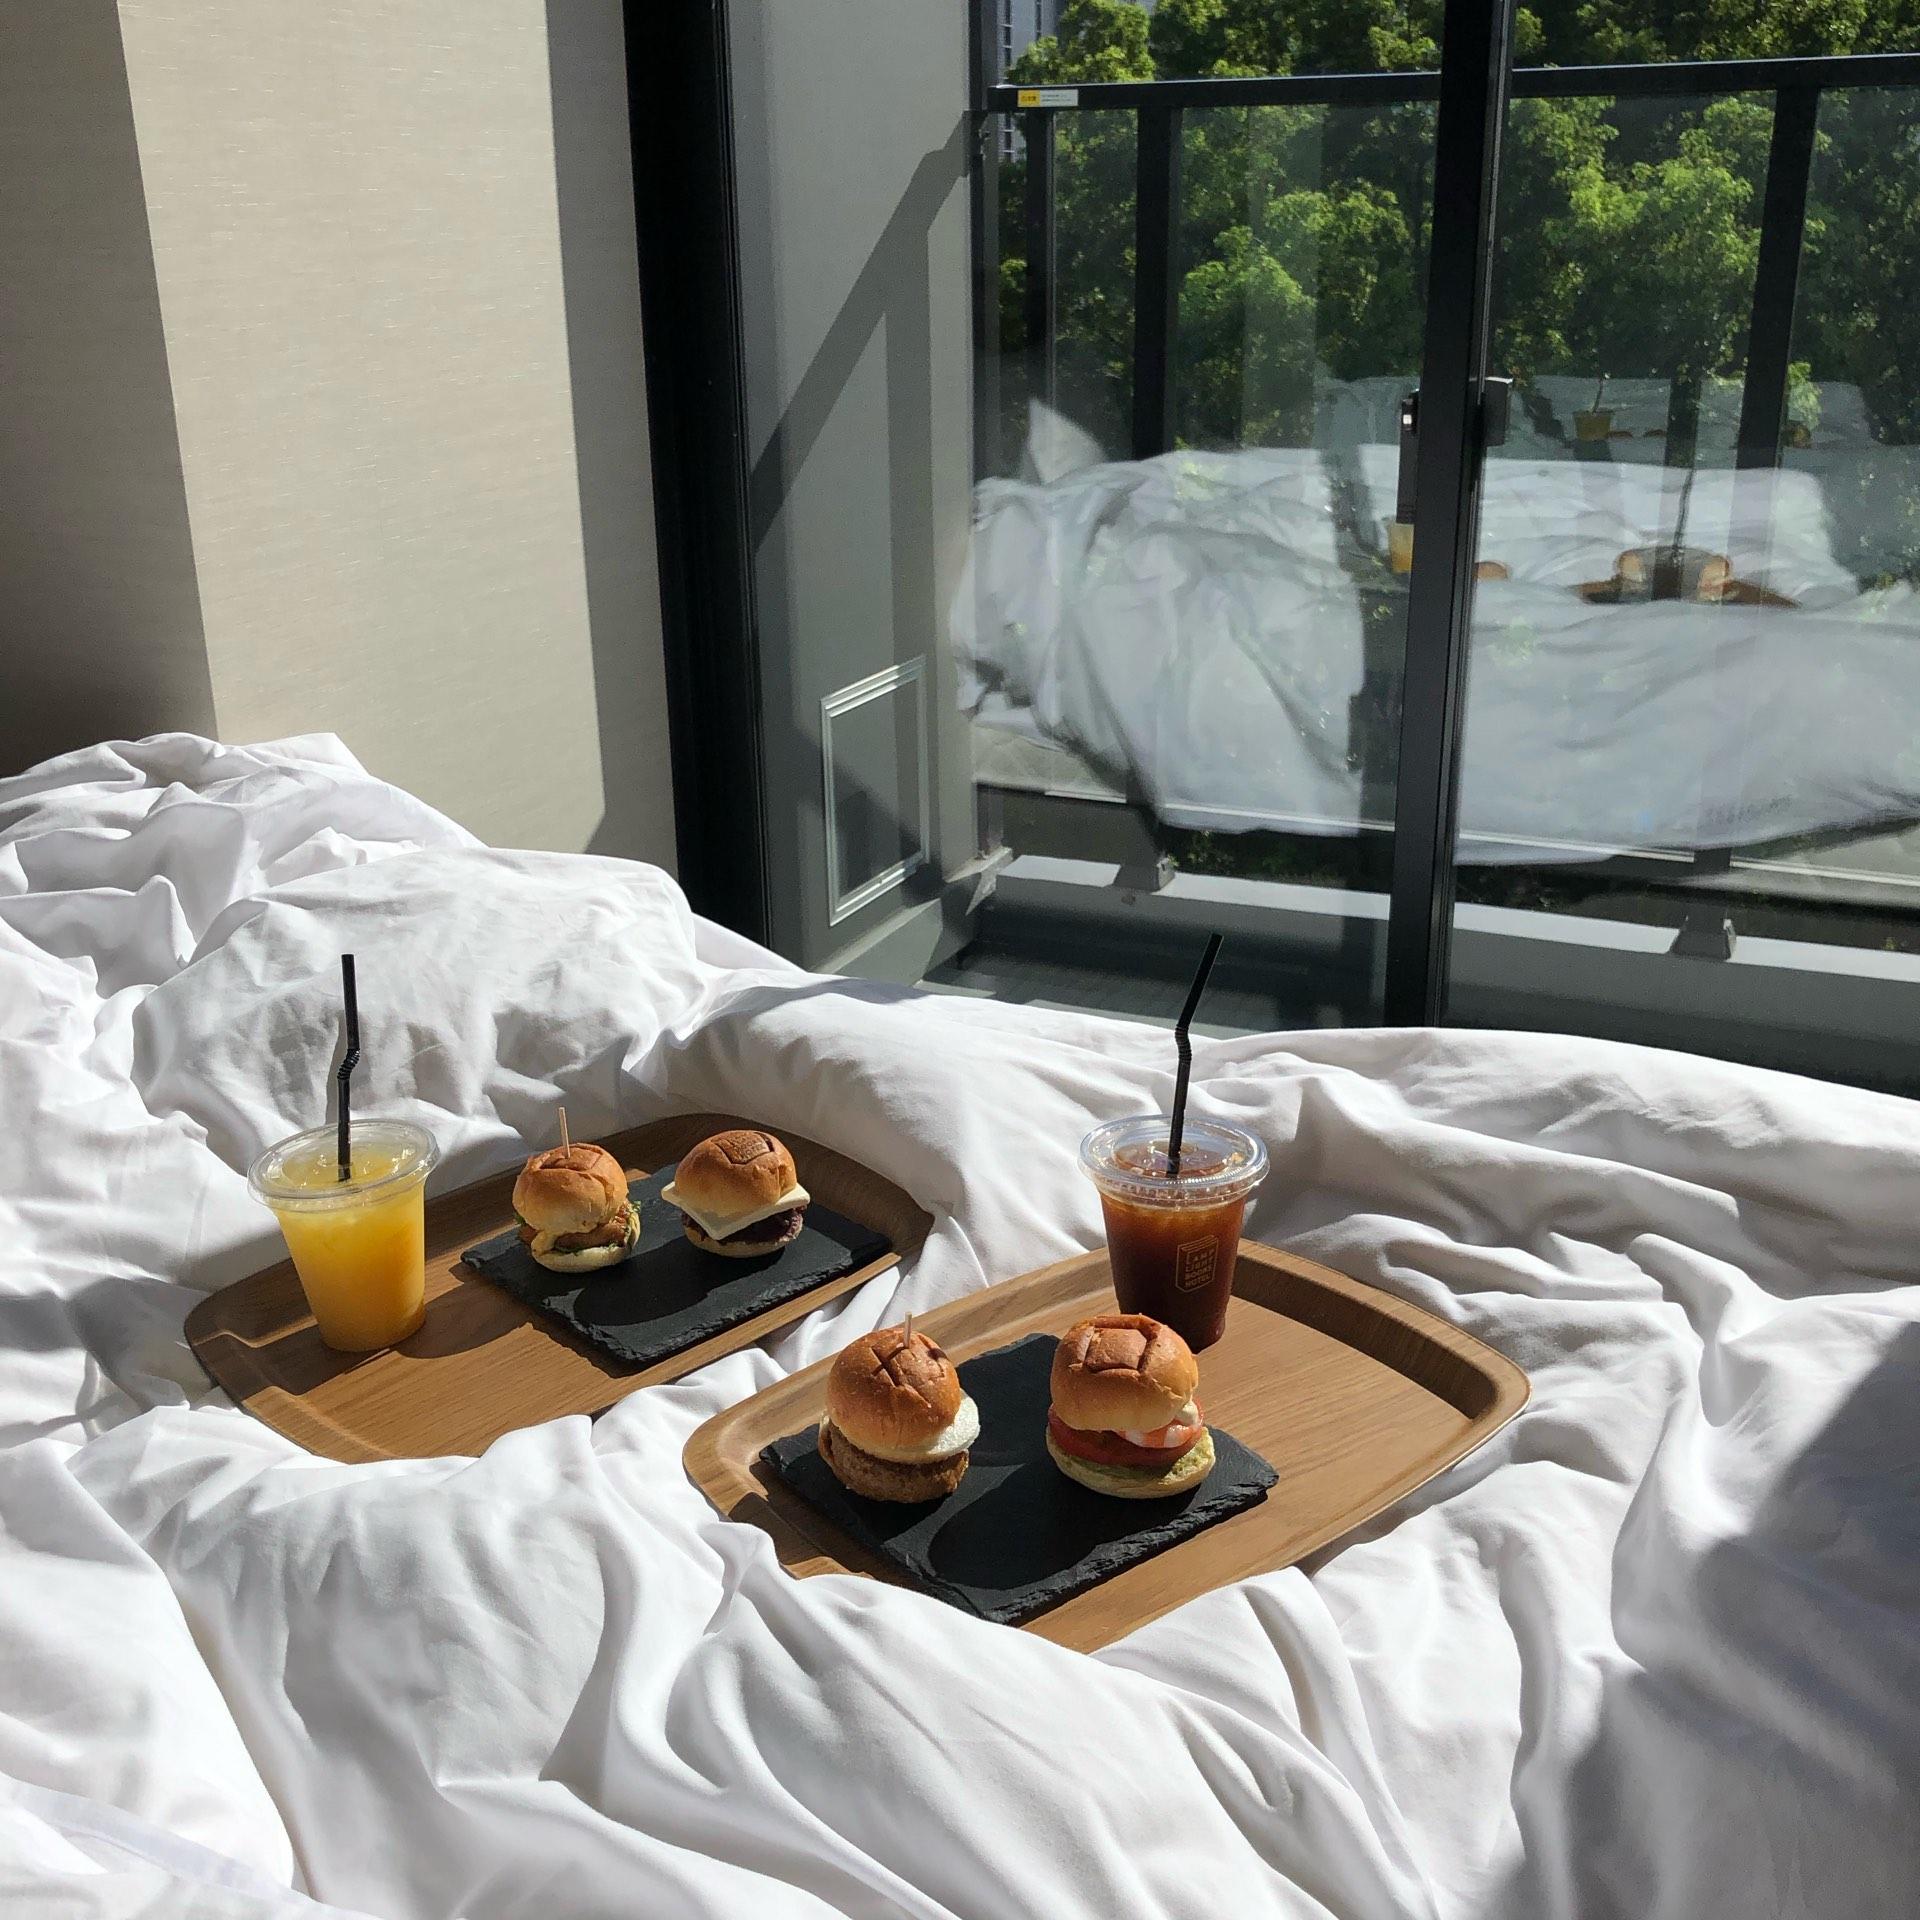 ホテル朝食ミニバーガー写真